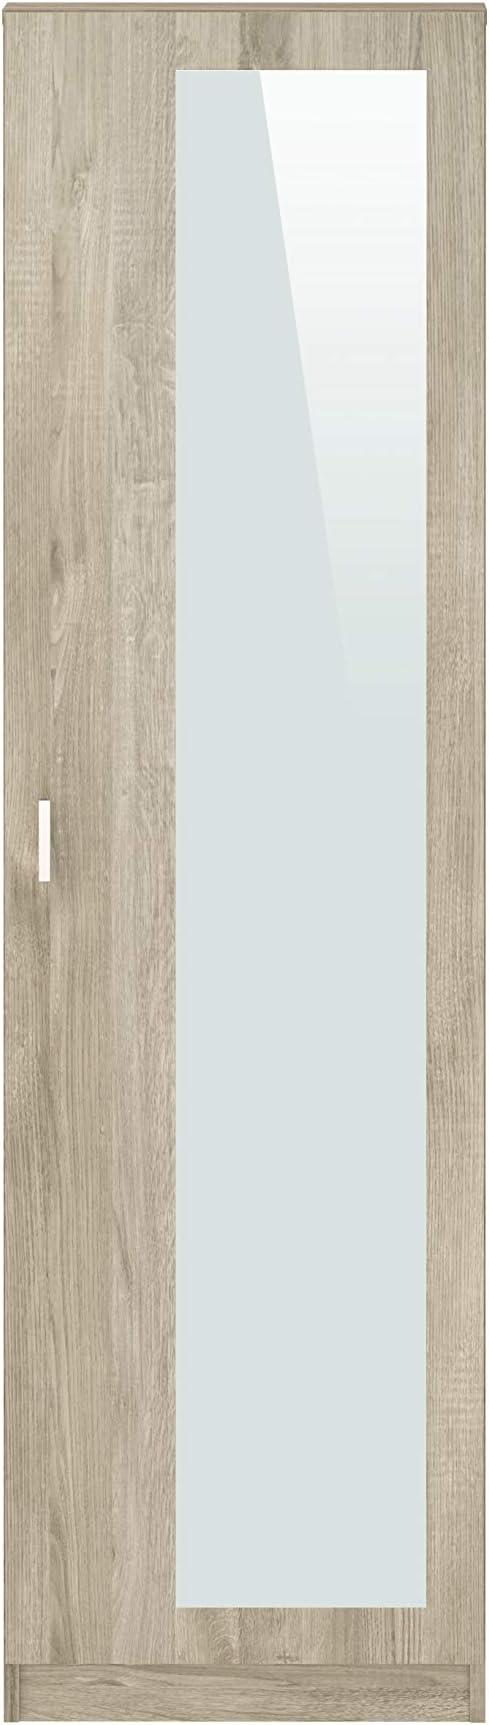 Marca Amazon - Movian Indre Modern - Armario zapatero de 1 puerta ...